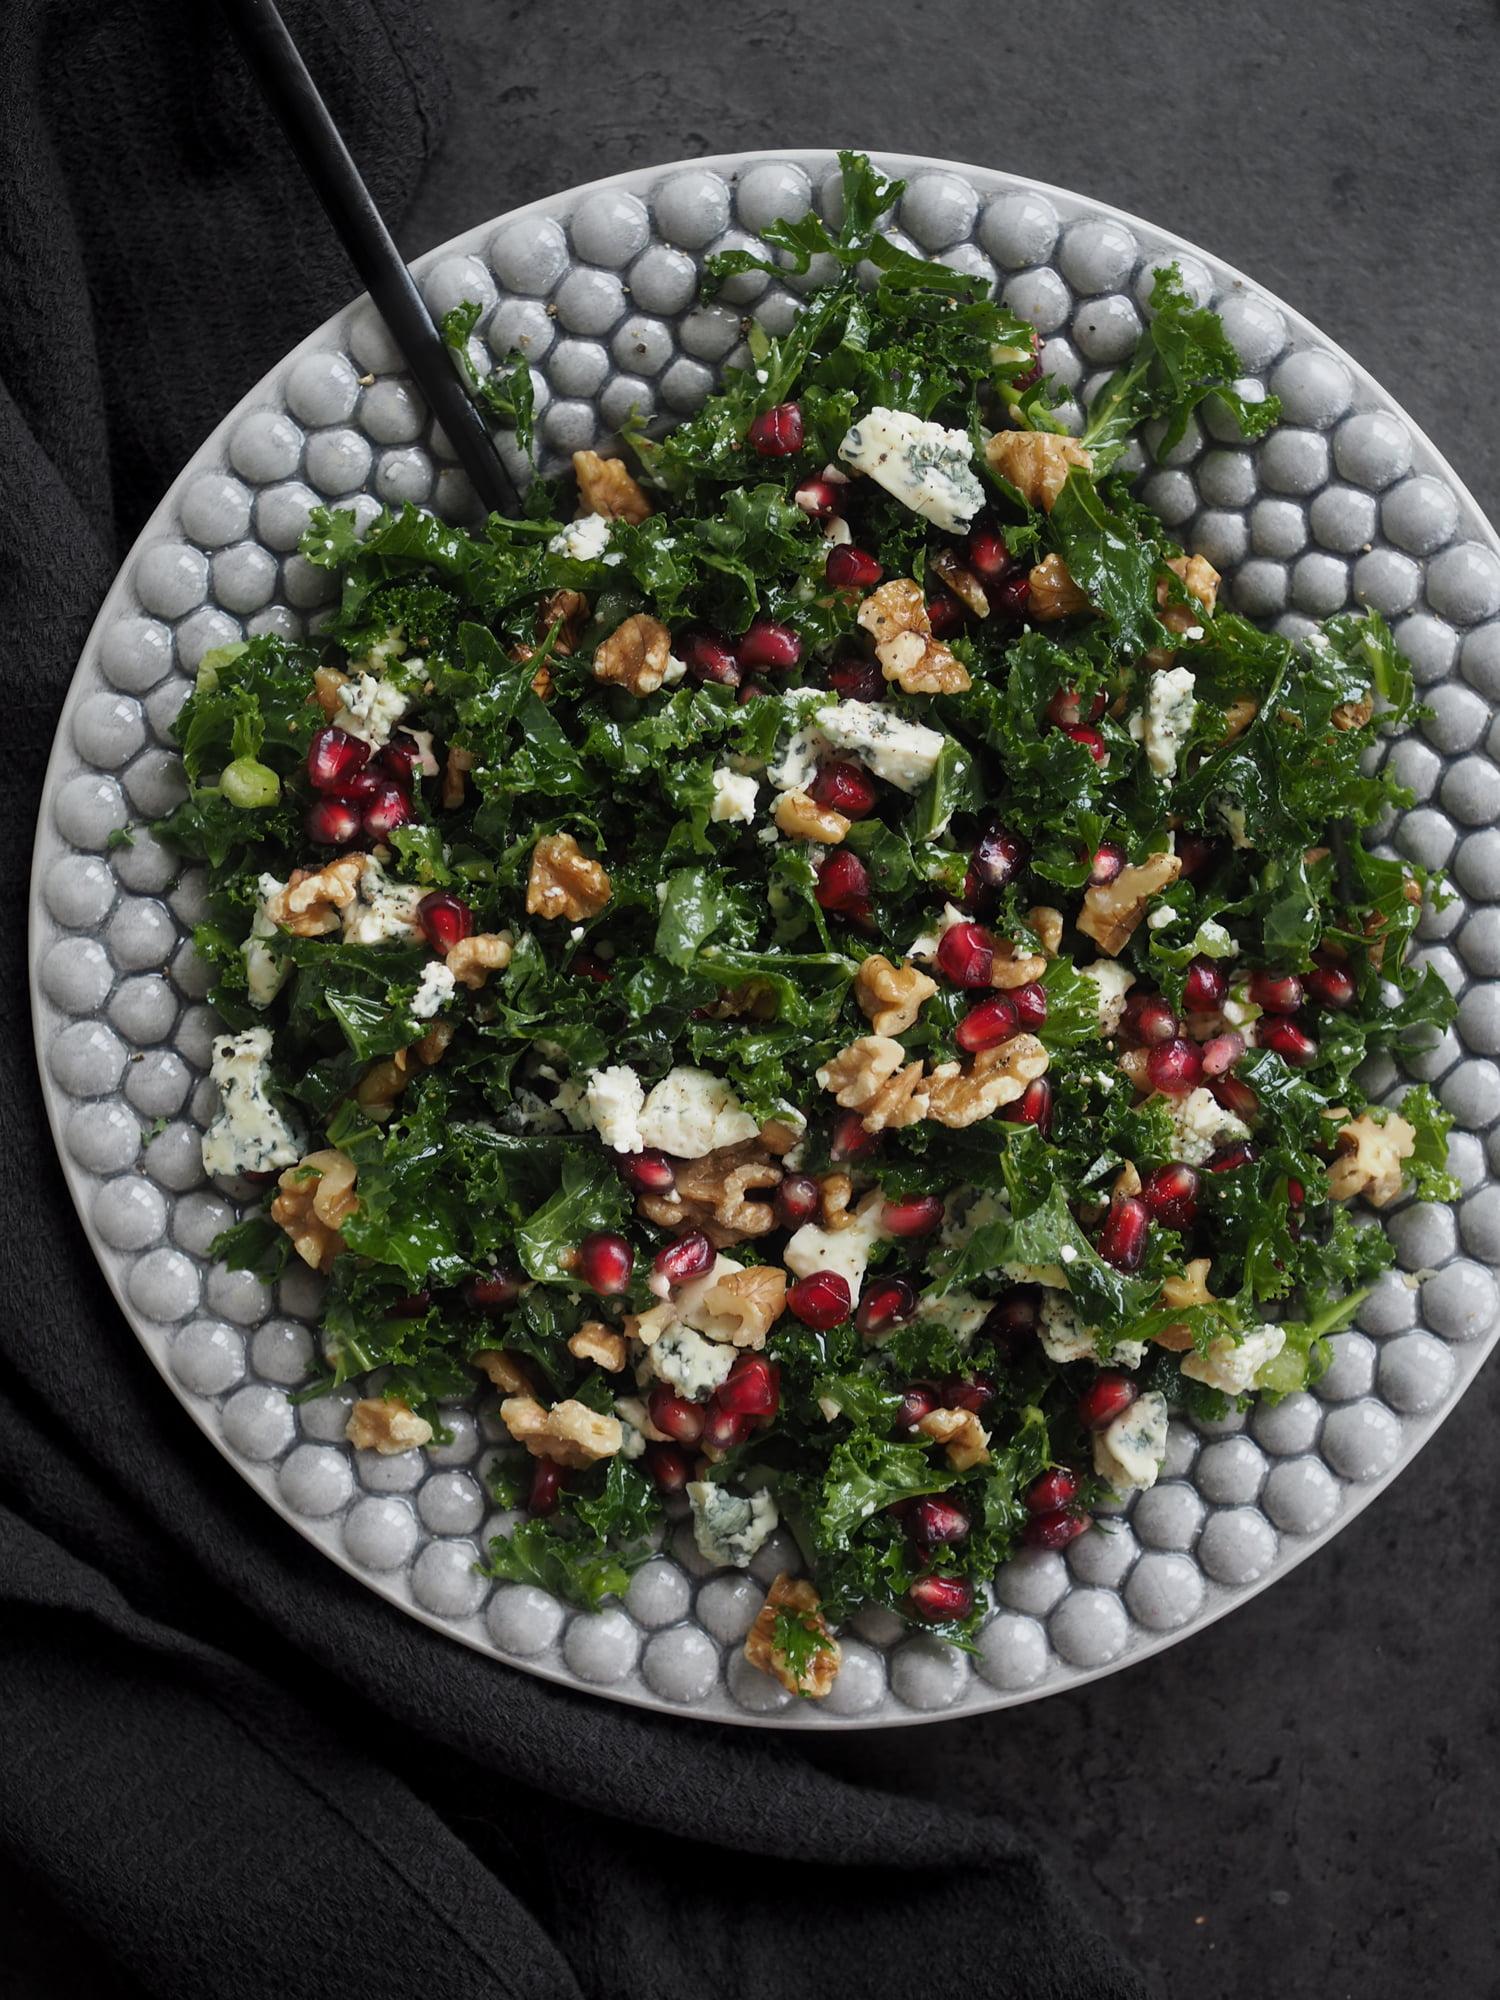 julsallad med grönkål och ädelost